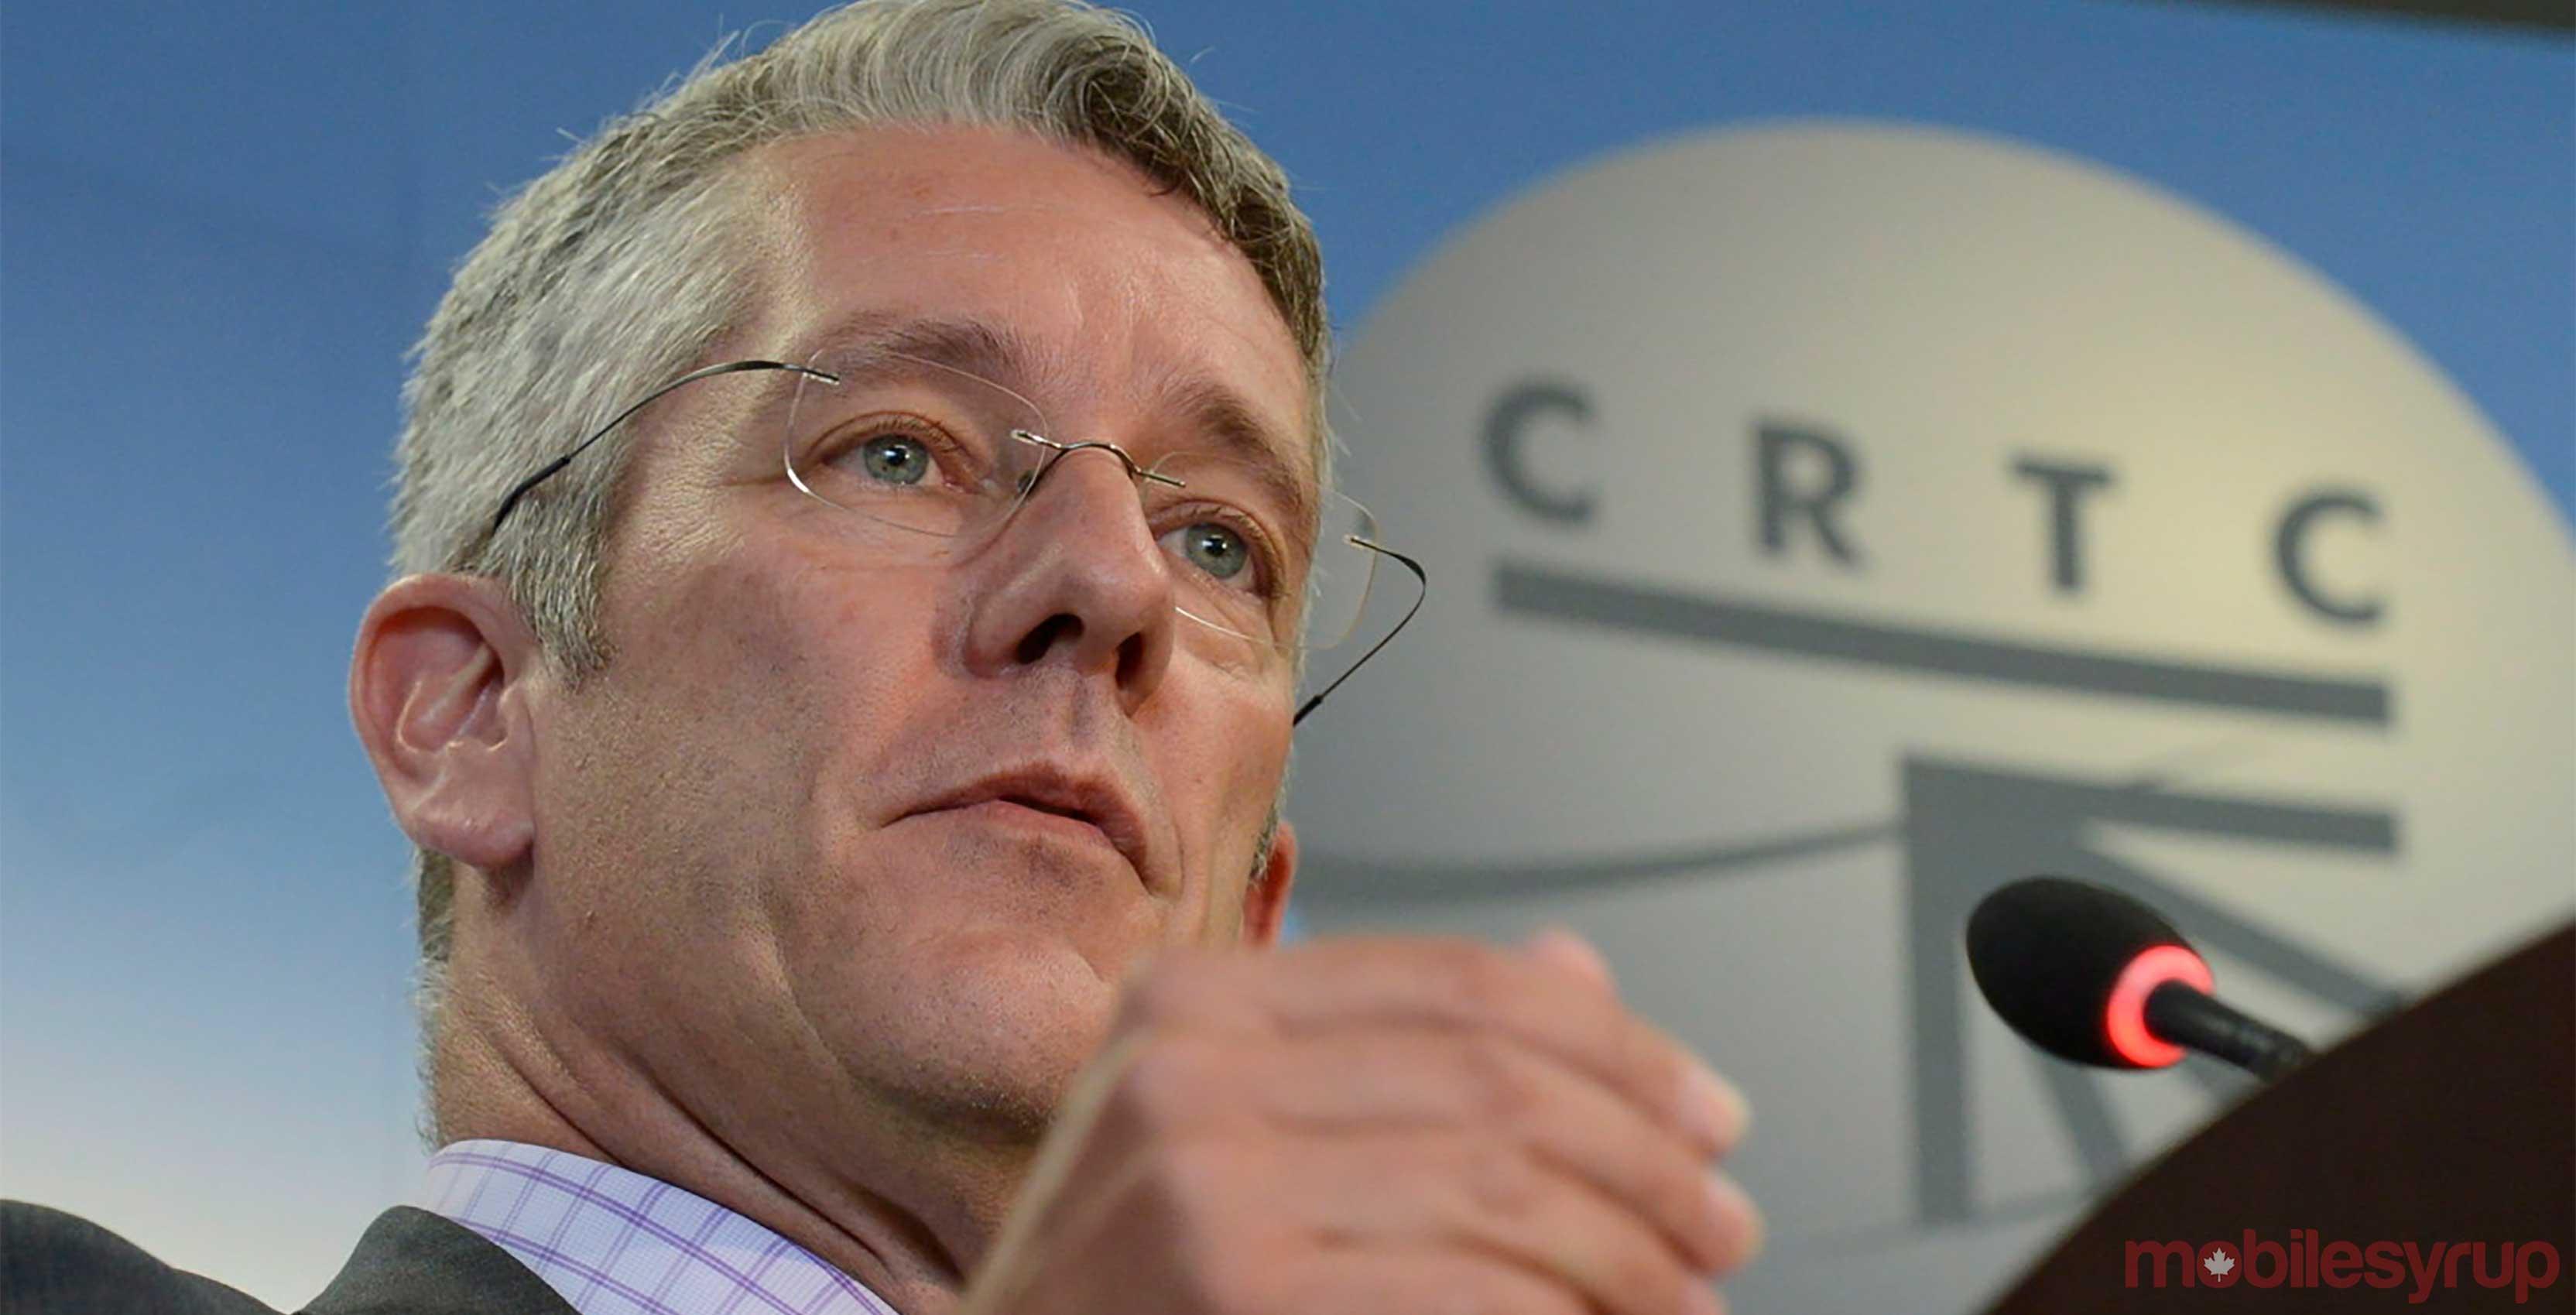 CRTC Chairman Jean-Pierre Blais - electronic spam